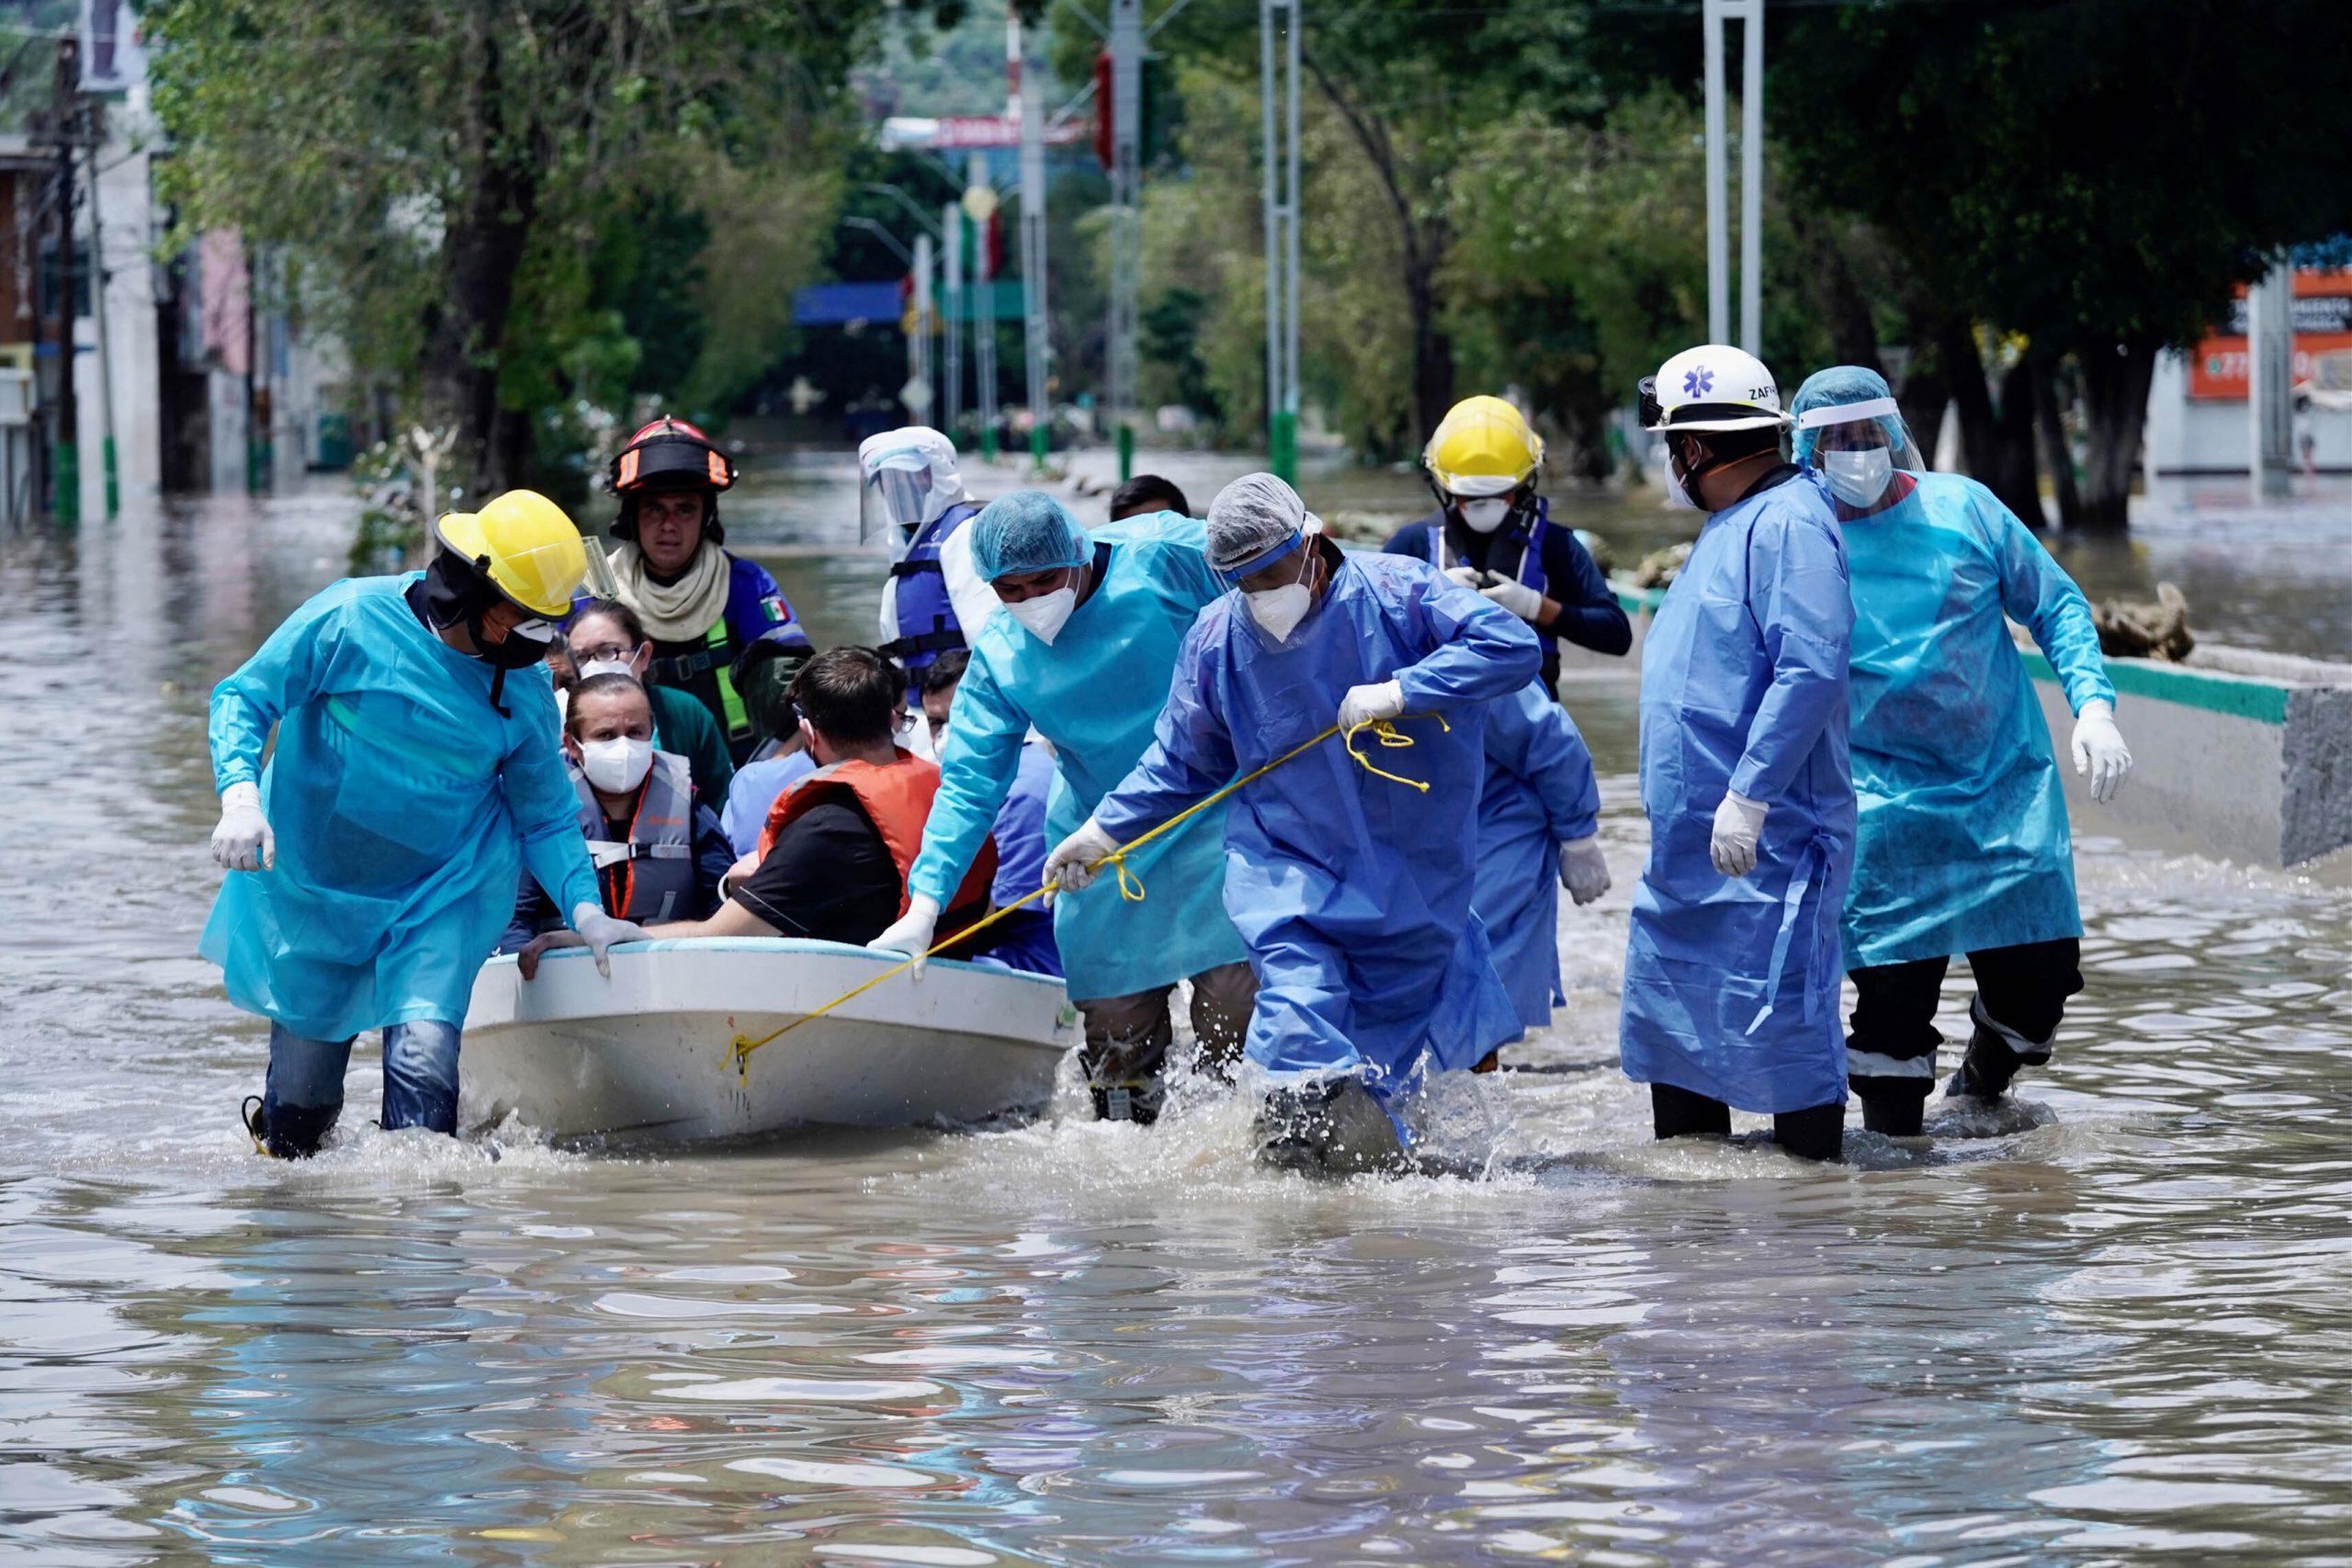 Menschen werden in einem Boot aus den Fluten gerettet (Symbolbild).